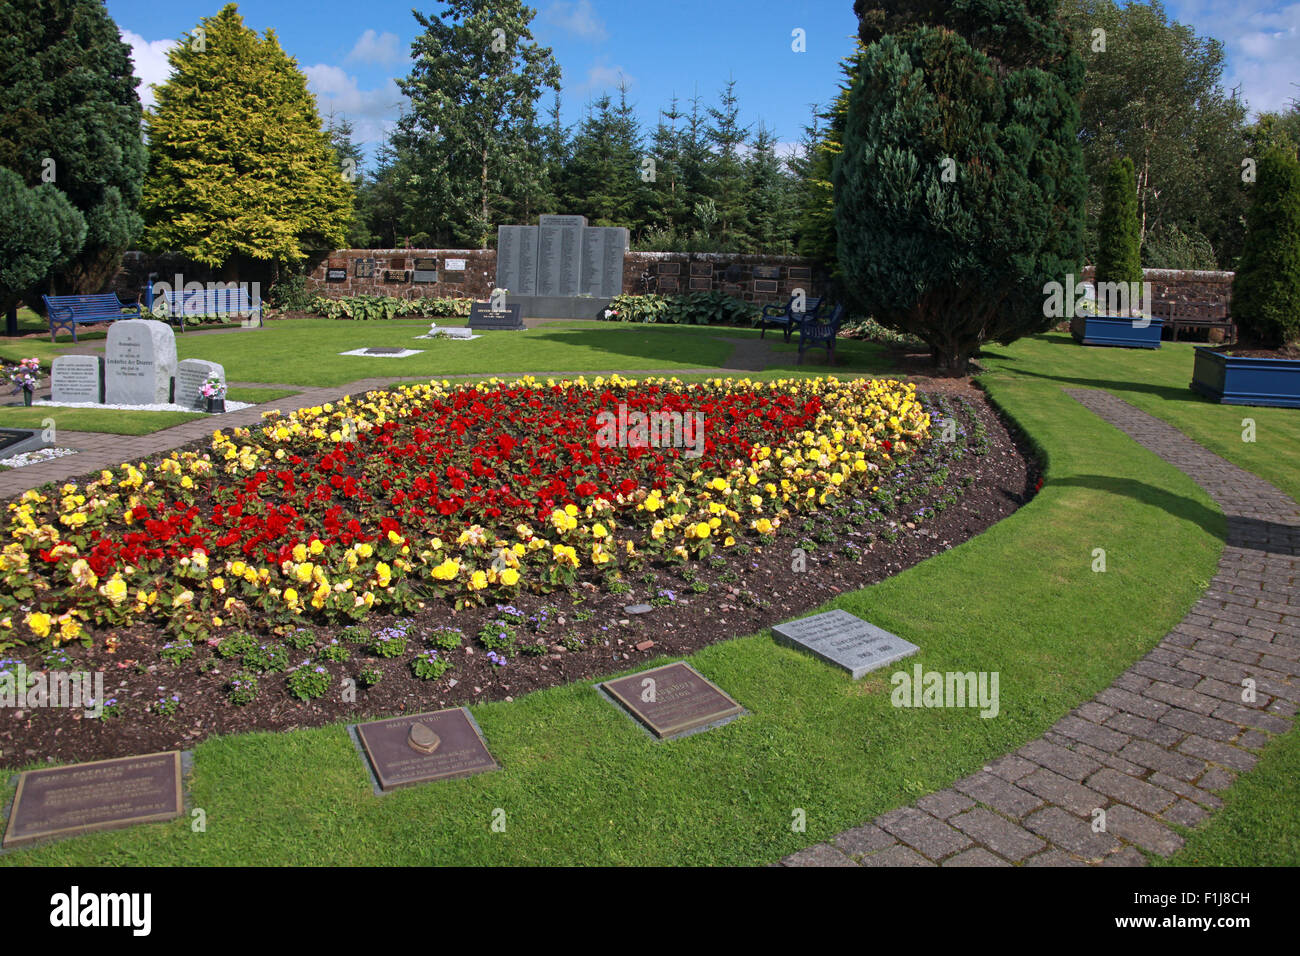 Laden Sie dieses Alamy Stockfoto Lockerbie PanAm103 In Erinnerung Memorial Garden, Schottland - F1J8CH